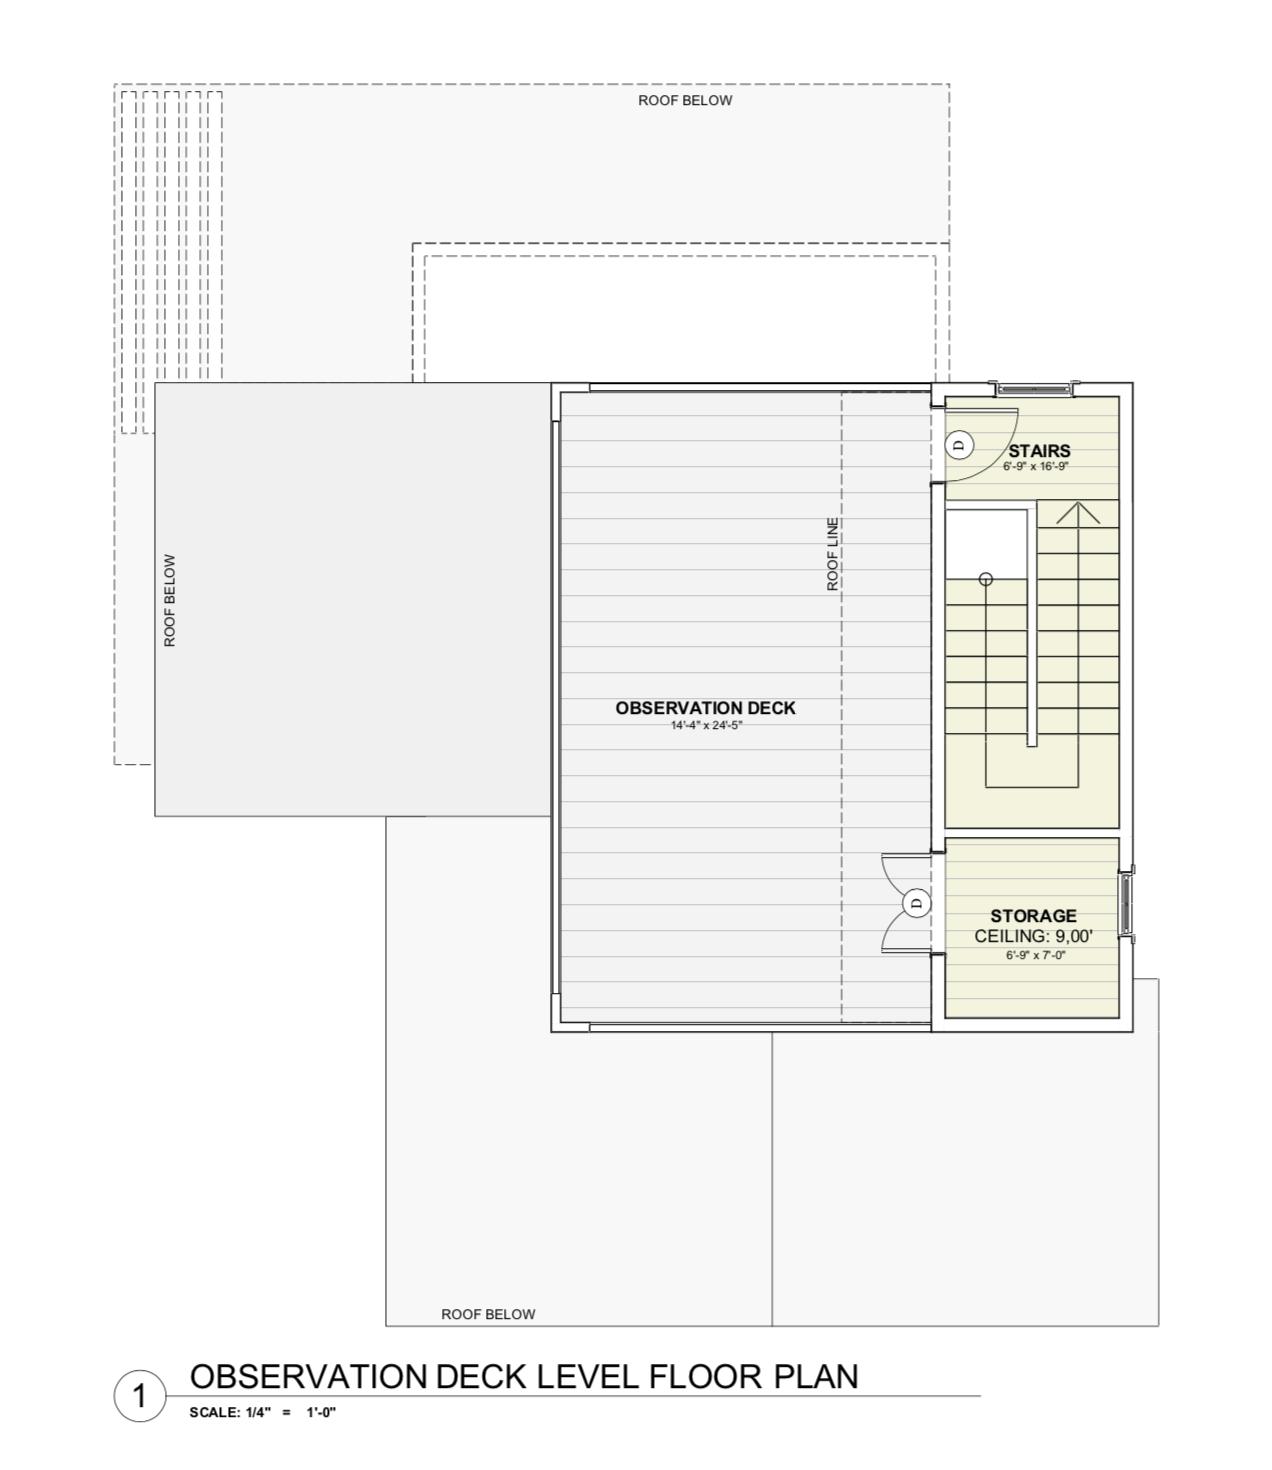 House Plan - Observation Level